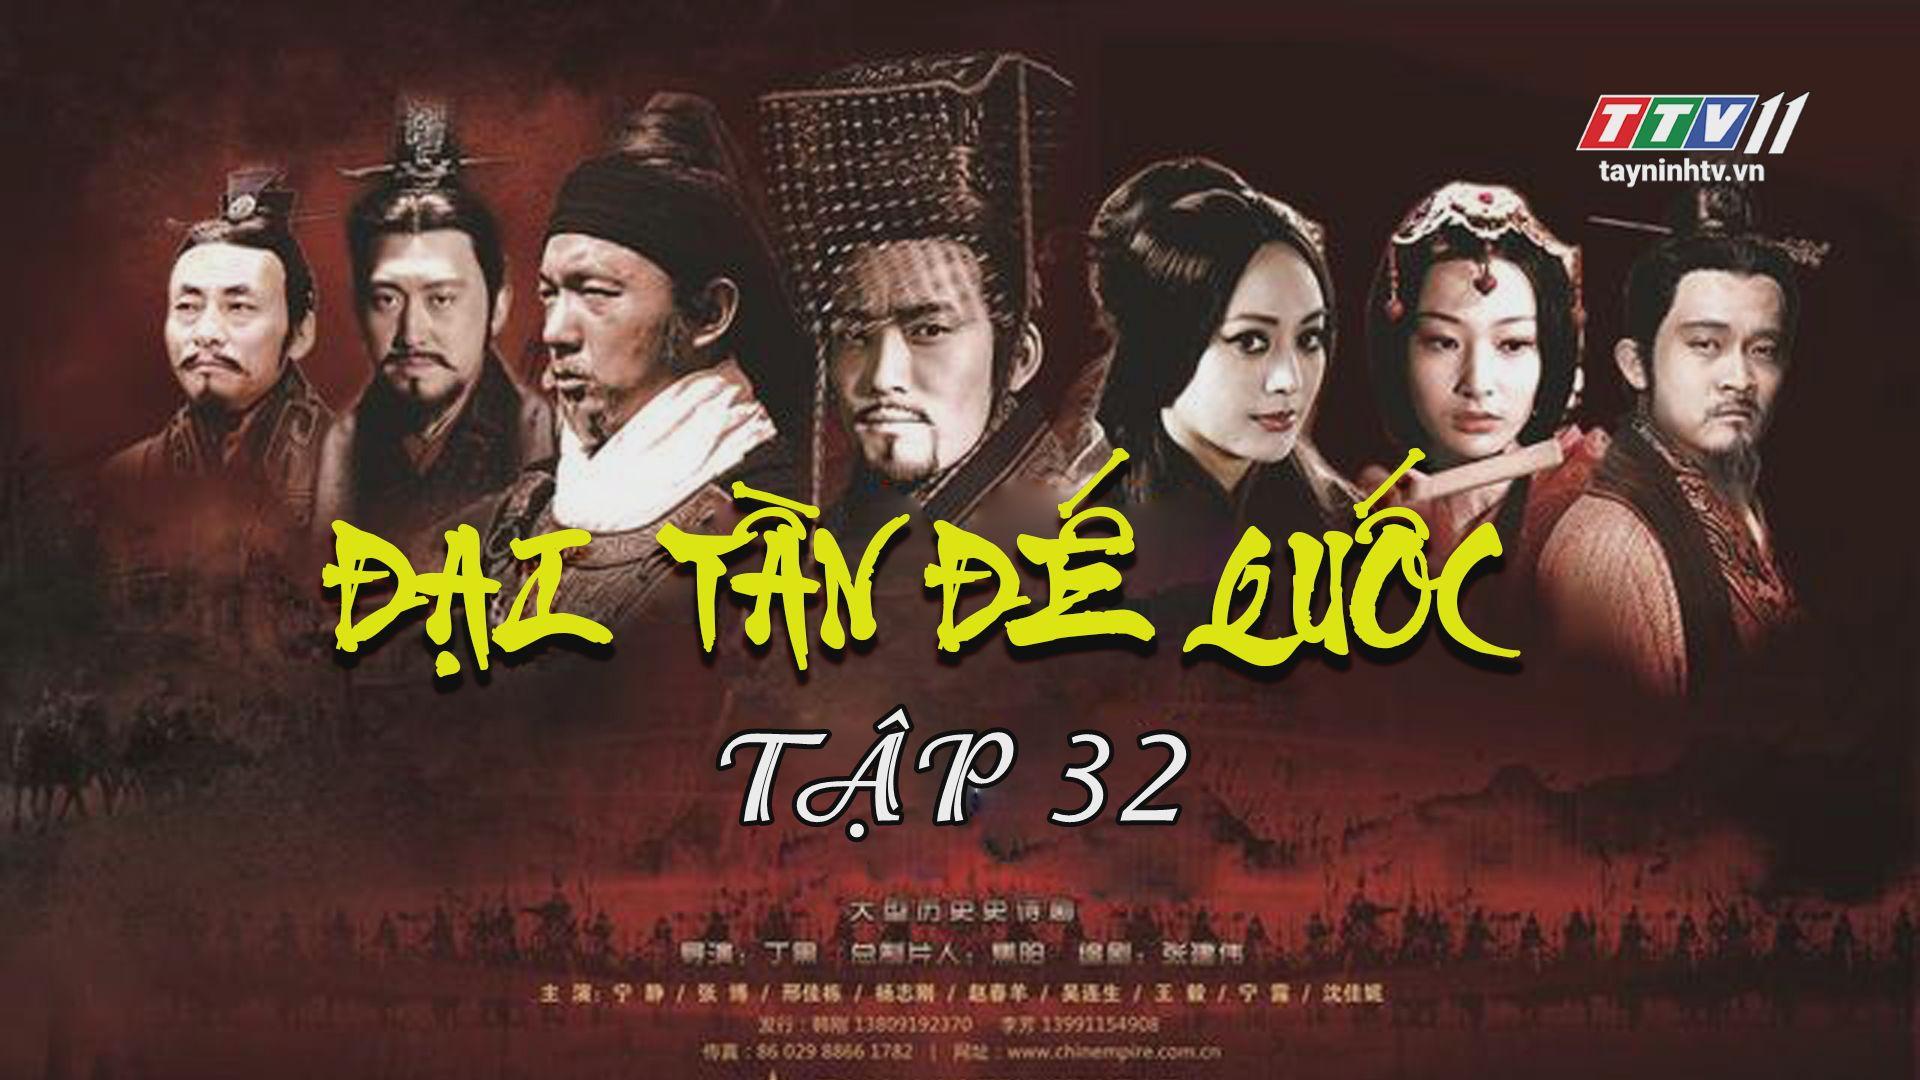 Tập 32 | ĐẠI TẦN ĐẾ QUỐC - Phần 3 - QUẬT KHỞI - FULL HD | TayNinhTV